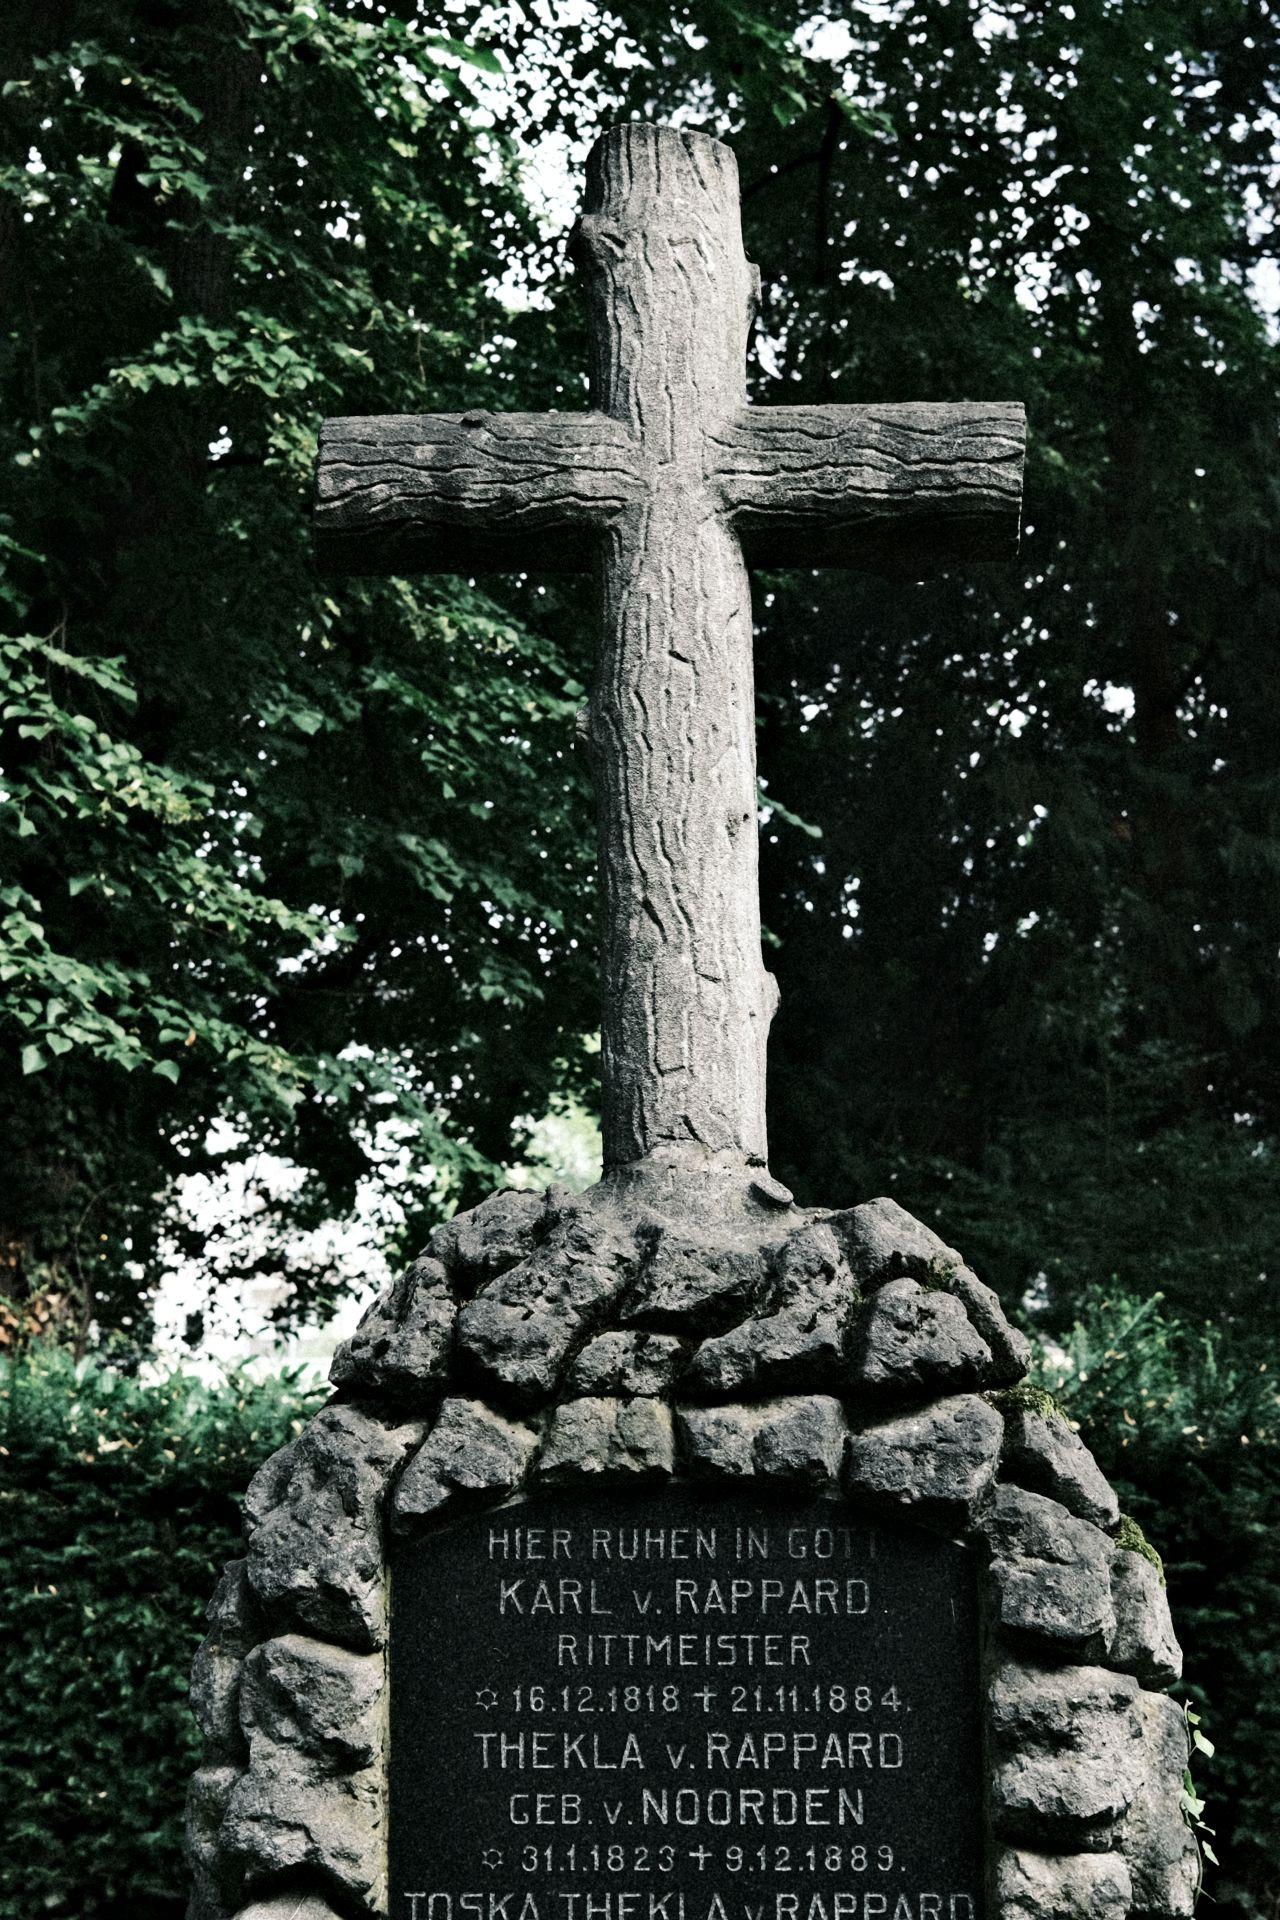 Alter Friedhof f/4 1/60sec ISO-160 23mm